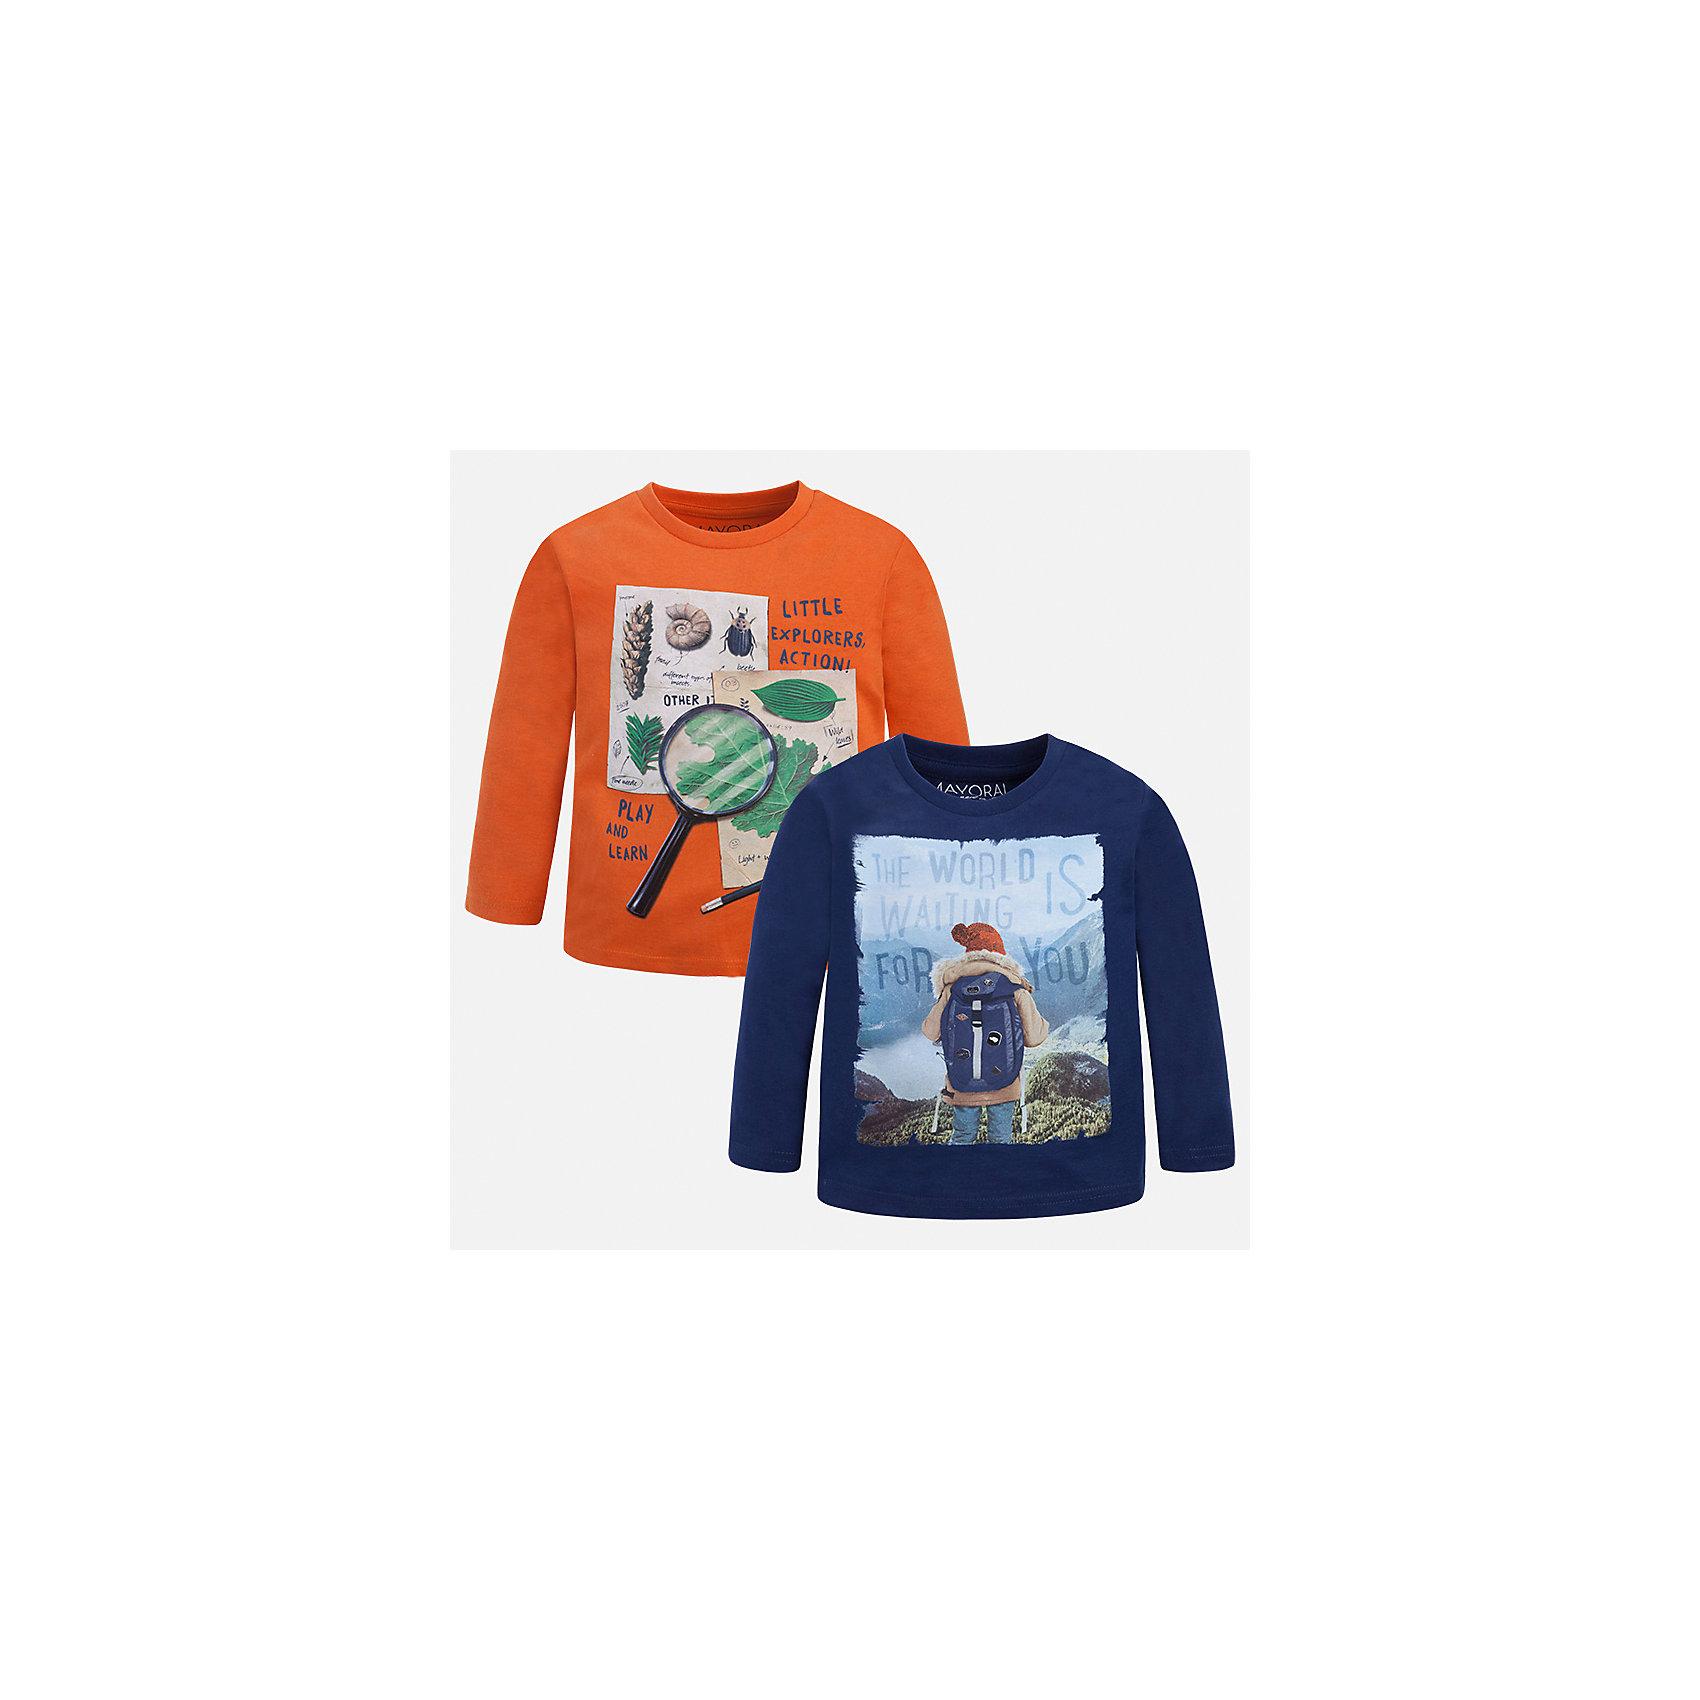 Футболка с длинным рукавом (2 шт.) Mayoral для мальчикаФутболки с длинным рукавом<br>Характеристики товара:<br><br>• цвет: синий<br>• состав ткани: 100% хлопок<br>• комплектация: 2 шт<br>• сезон: демисезон<br>• особенности модели: принт<br>• длинные рукава<br>• страна бренда: Испания<br>• страна изготовитель: Индия<br><br>Стильный комплект лонгсливов для мальчика от Майорал поможет обеспечить ребенку комфорт. Детский лонгслив с принтом отличается стильным и продуманным дизайном. В футболке с длинным рукавом для мальчика от испанской компании Майорал ребенок будет выглядеть модно, а чувствовать себя - комфортно. <br><br>Лонгслив (2 шт.) для мальчика Mayoral (Майорал) можно купить в нашем интернет-магазине.<br><br>Ширина мм: 230<br>Глубина мм: 40<br>Высота мм: 220<br>Вес г: 250<br>Цвет: белый<br>Возраст от месяцев: 48<br>Возраст до месяцев: 60<br>Пол: Мужской<br>Возраст: Детский<br>Размер: 110,122,128,134,116,92,98,104<br>SKU: 6935909